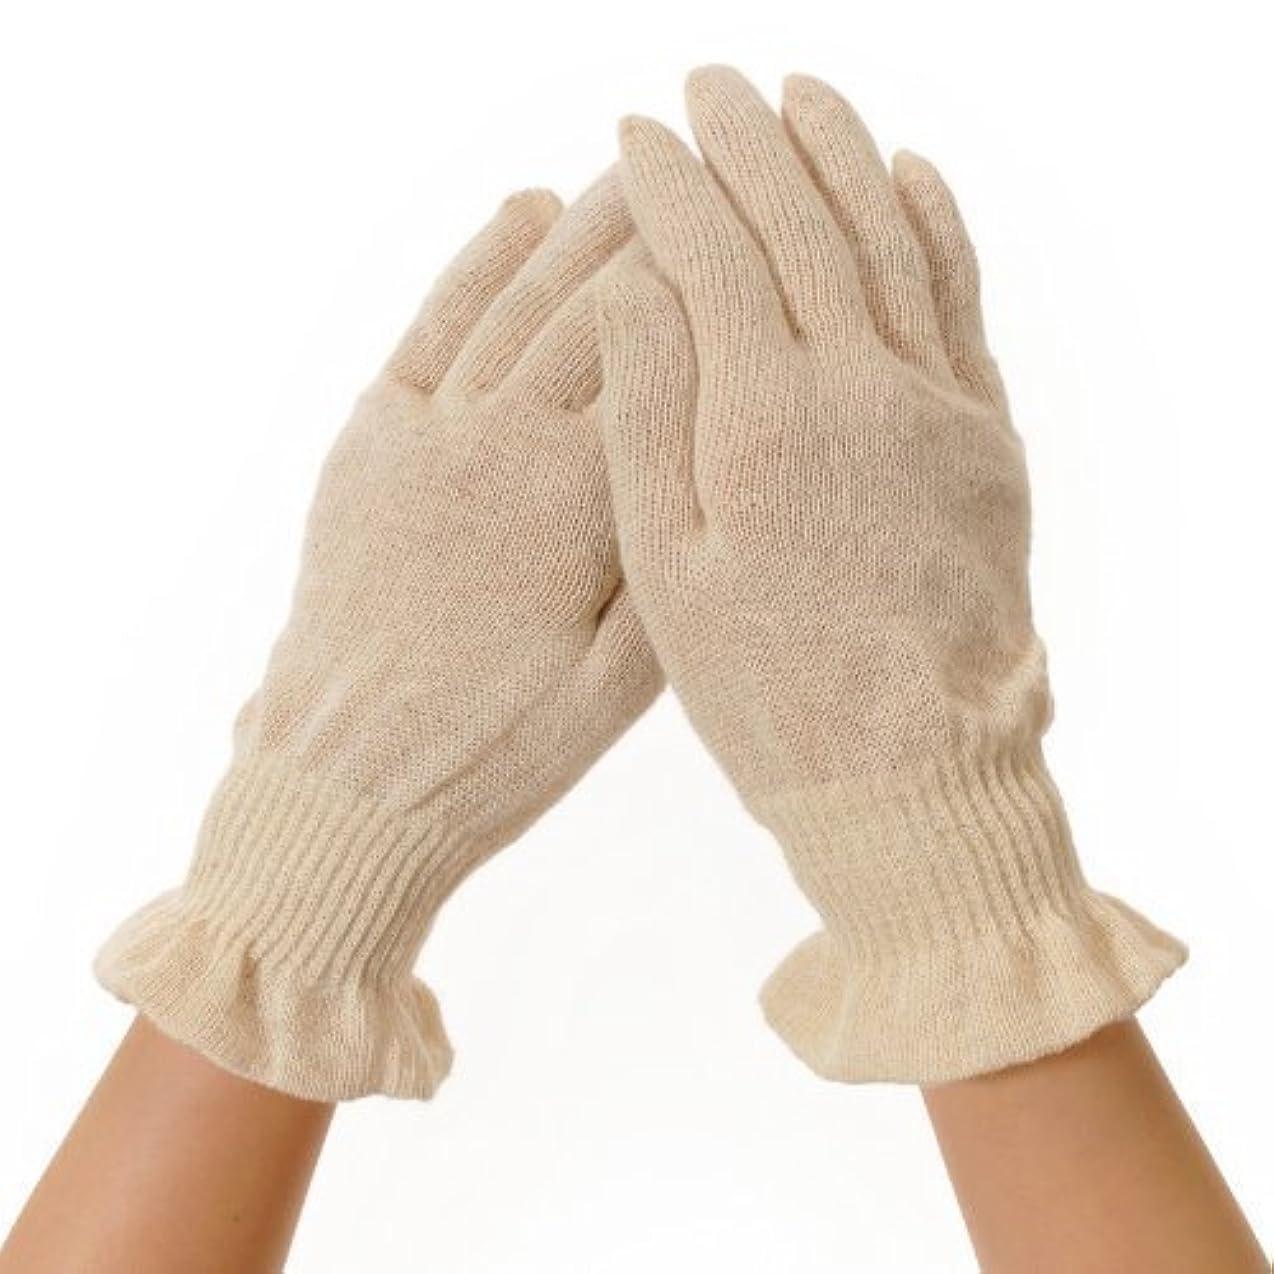 従事した延ばすどんよりした麻福 就寝用 手袋 [寝ている間に保湿で手荒れケア おやすみ手袋] 麻福特製ヘンプ糸 Sサイズ (女性ジャストフィット) きなり色 手荒れ予防